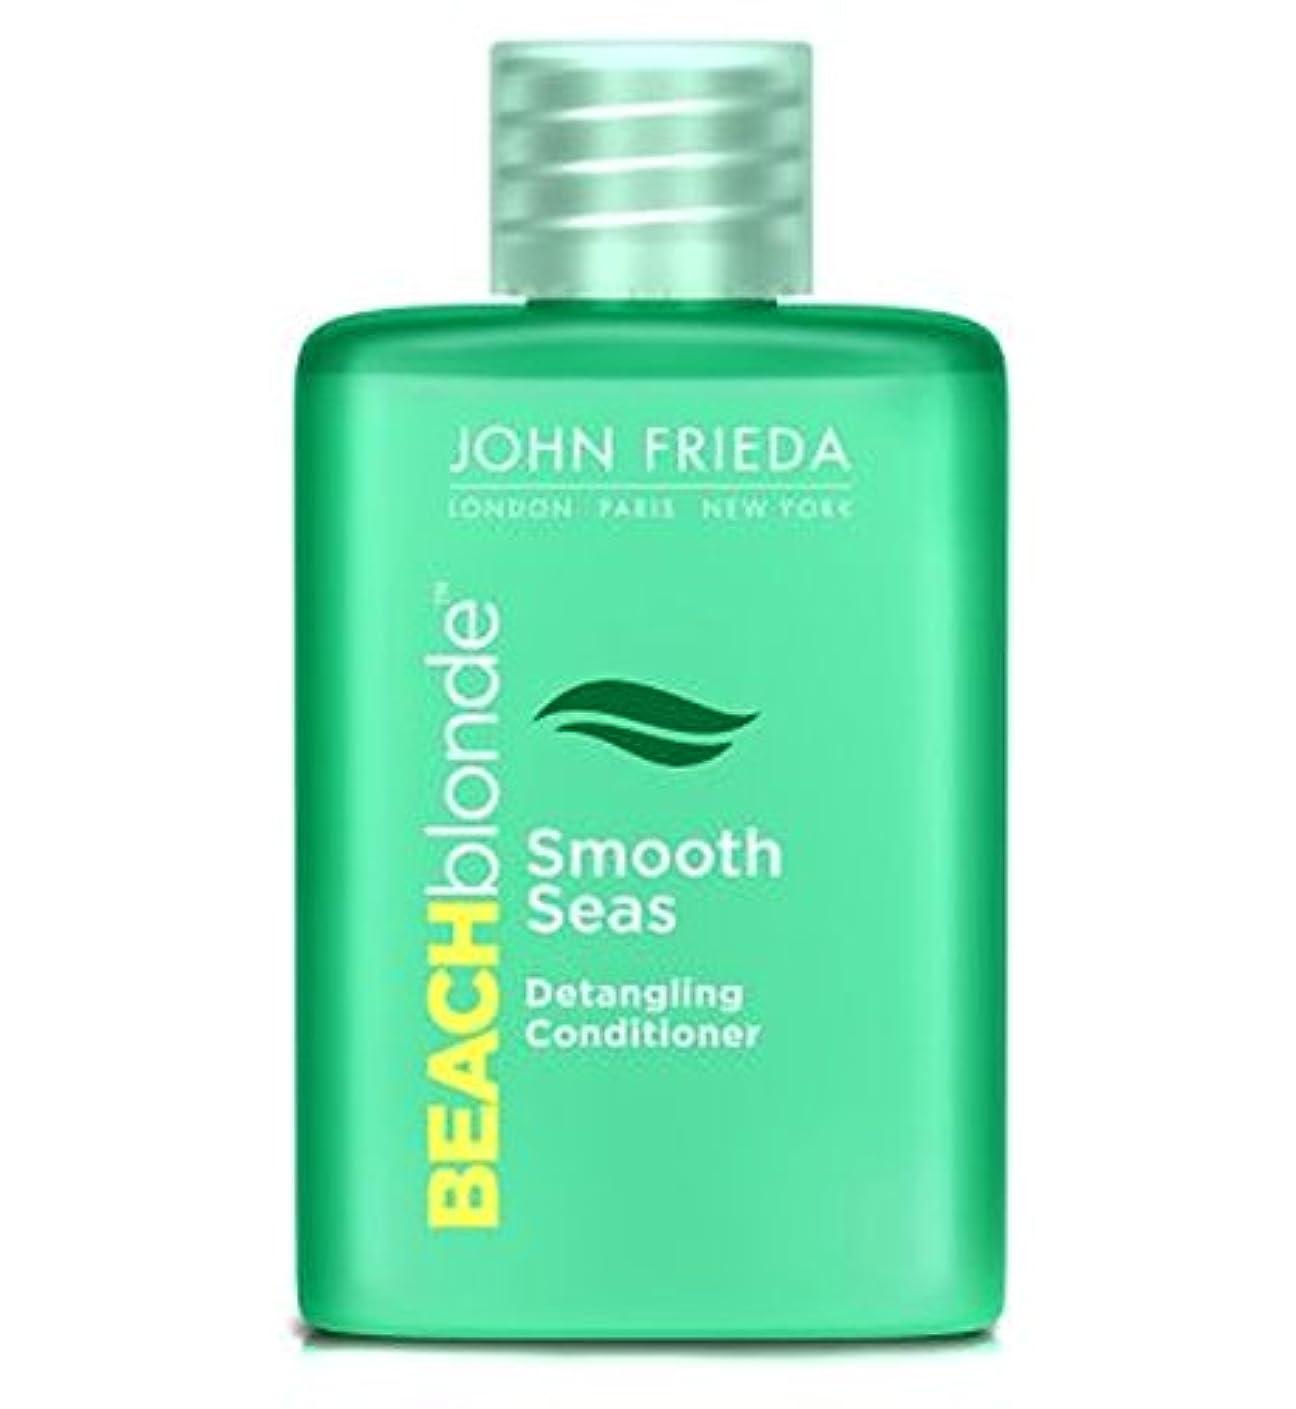 荷物崩壊穴John Frieda? Beach Blonde Smooth Seas Detangling Conditioner 50ml - コンディショナー50ミリリットルをもつれ解除ジョンFrieda?ビーチブロンド滑らかな...